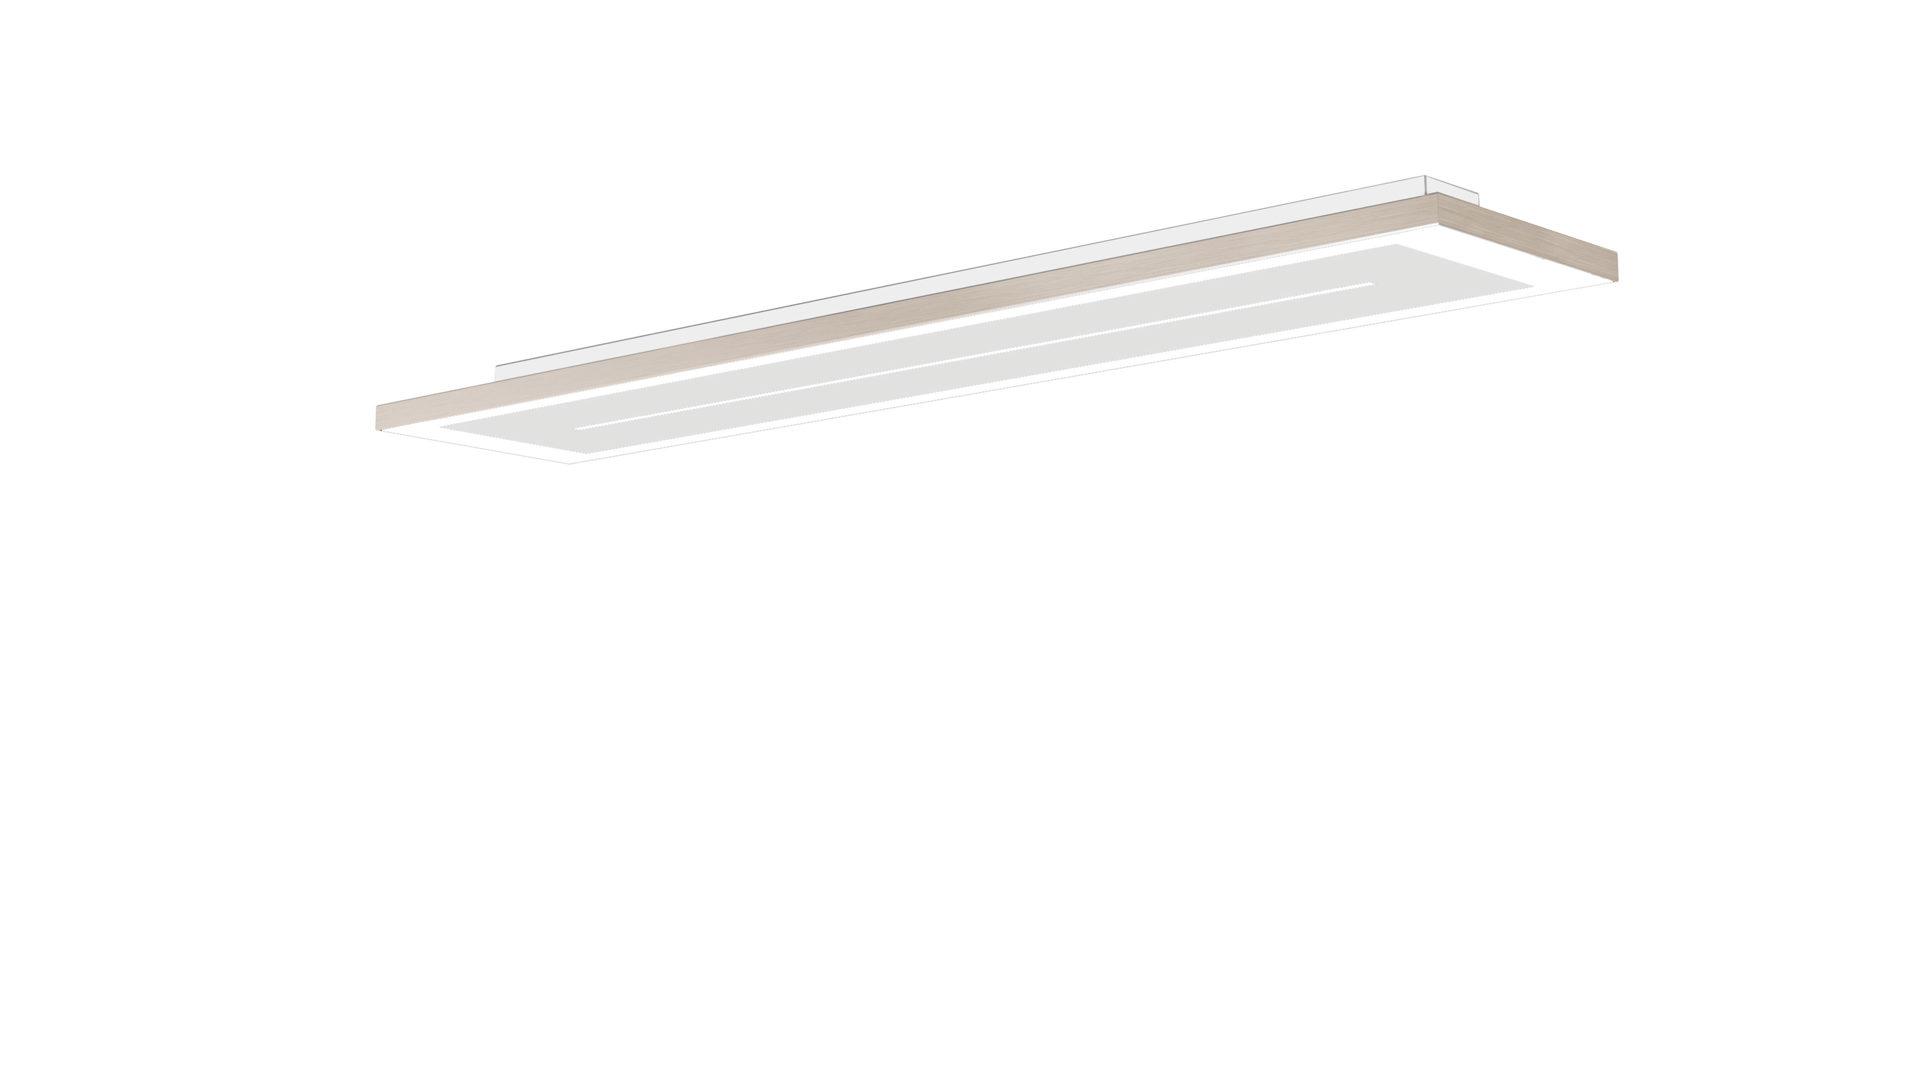 möbel brameyer   räume   küche   lampen + leuchten   led, globo ... - Led Deckenleuchten Küche